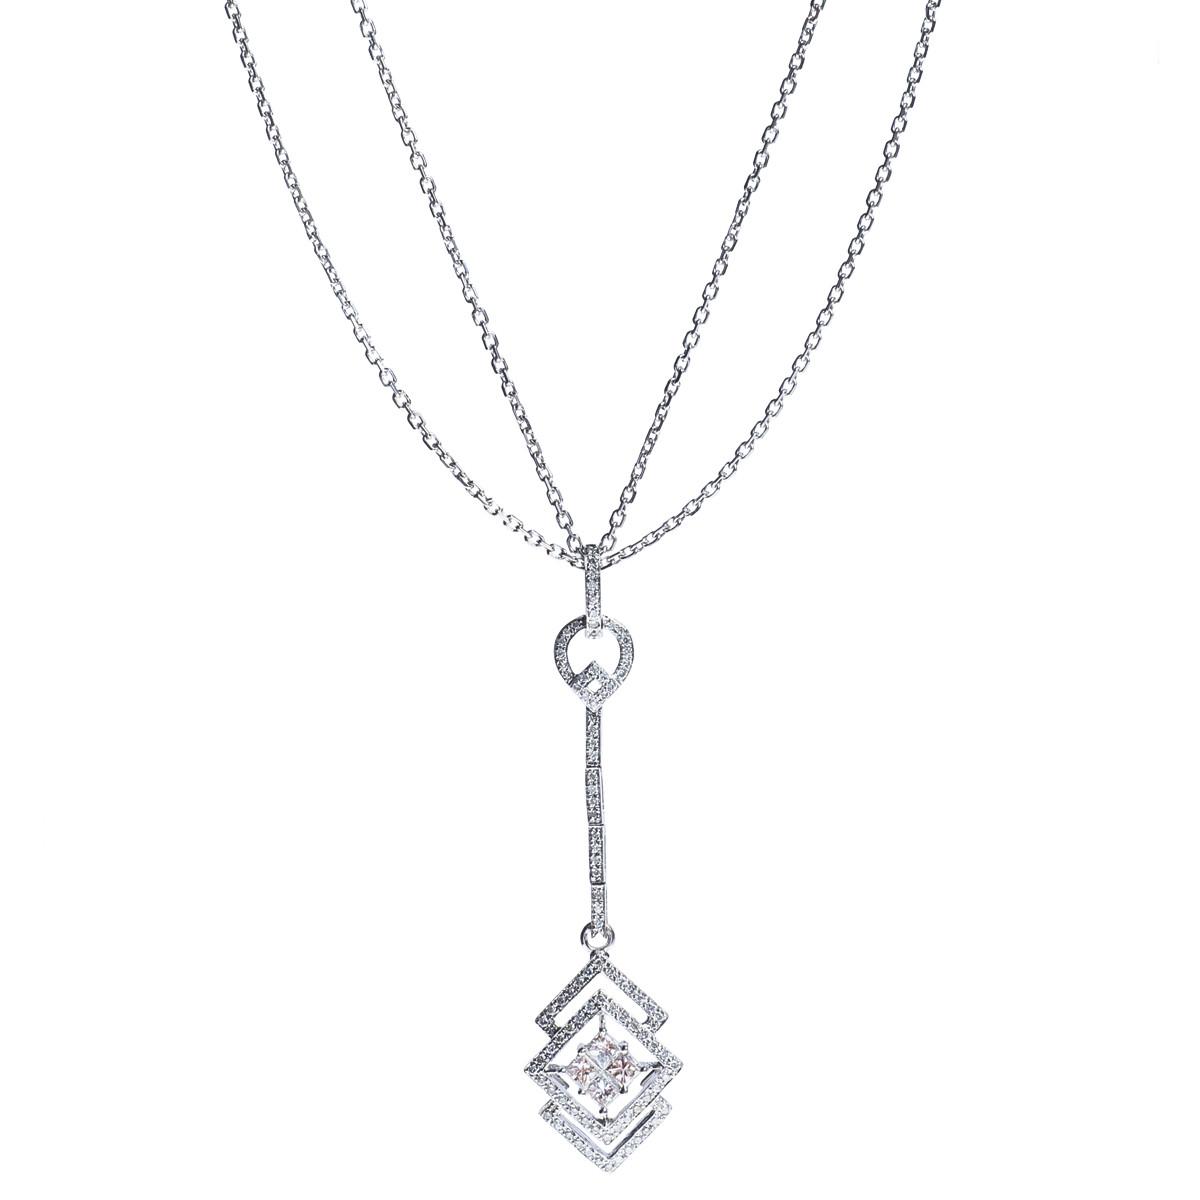 Art Deco Inspired Drop Pendant with 0.57 CTW Diamonds